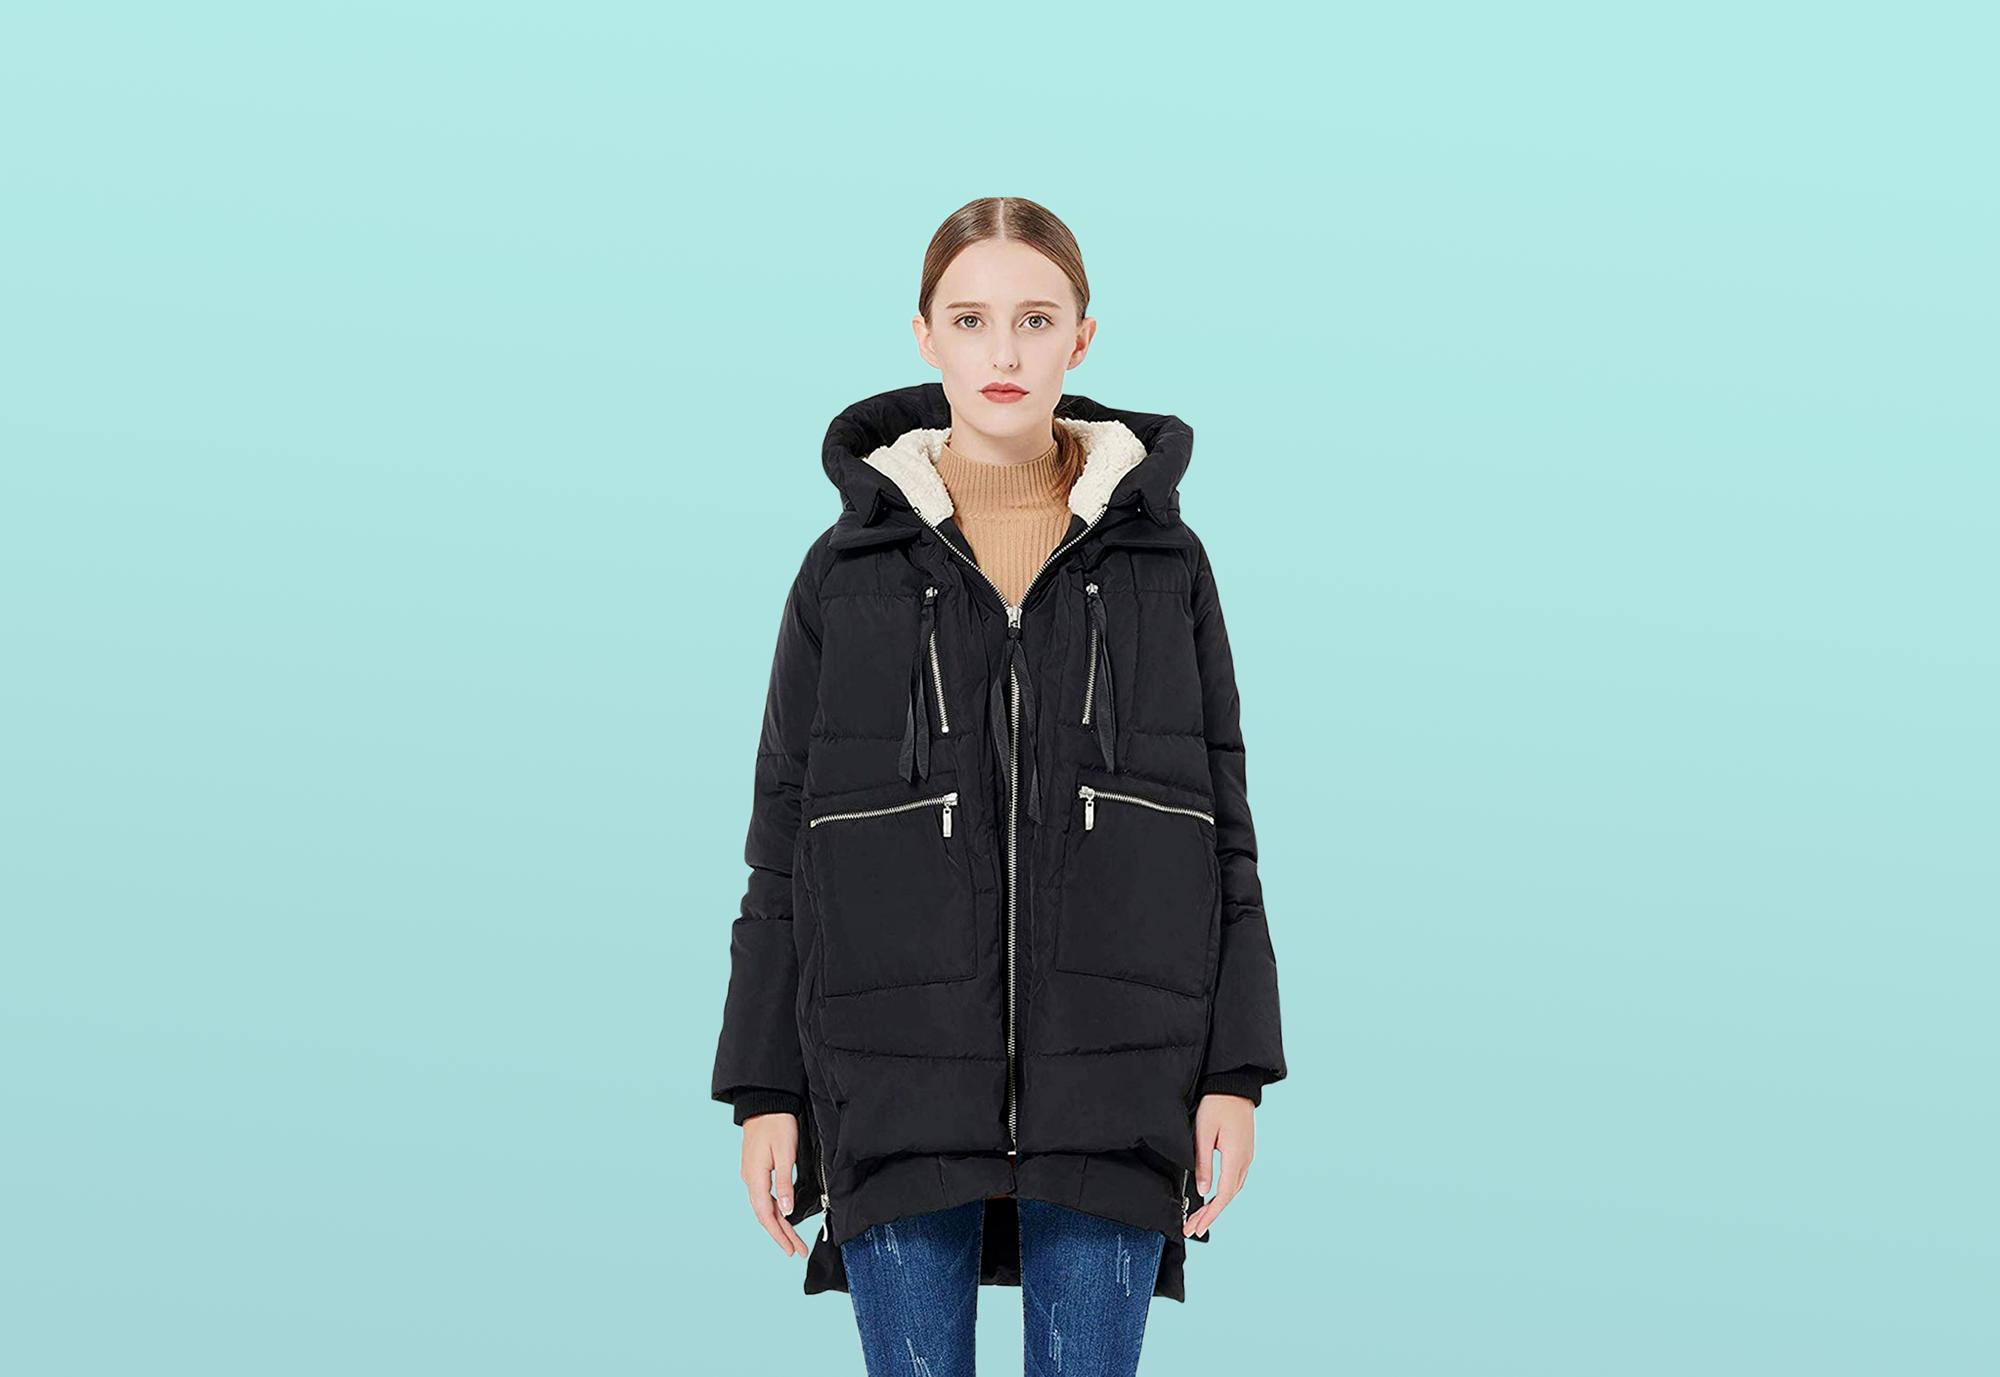 Wenn der Damen Mantel richtig passt - So finden Sie den idealen Mantel für Ihre Figur